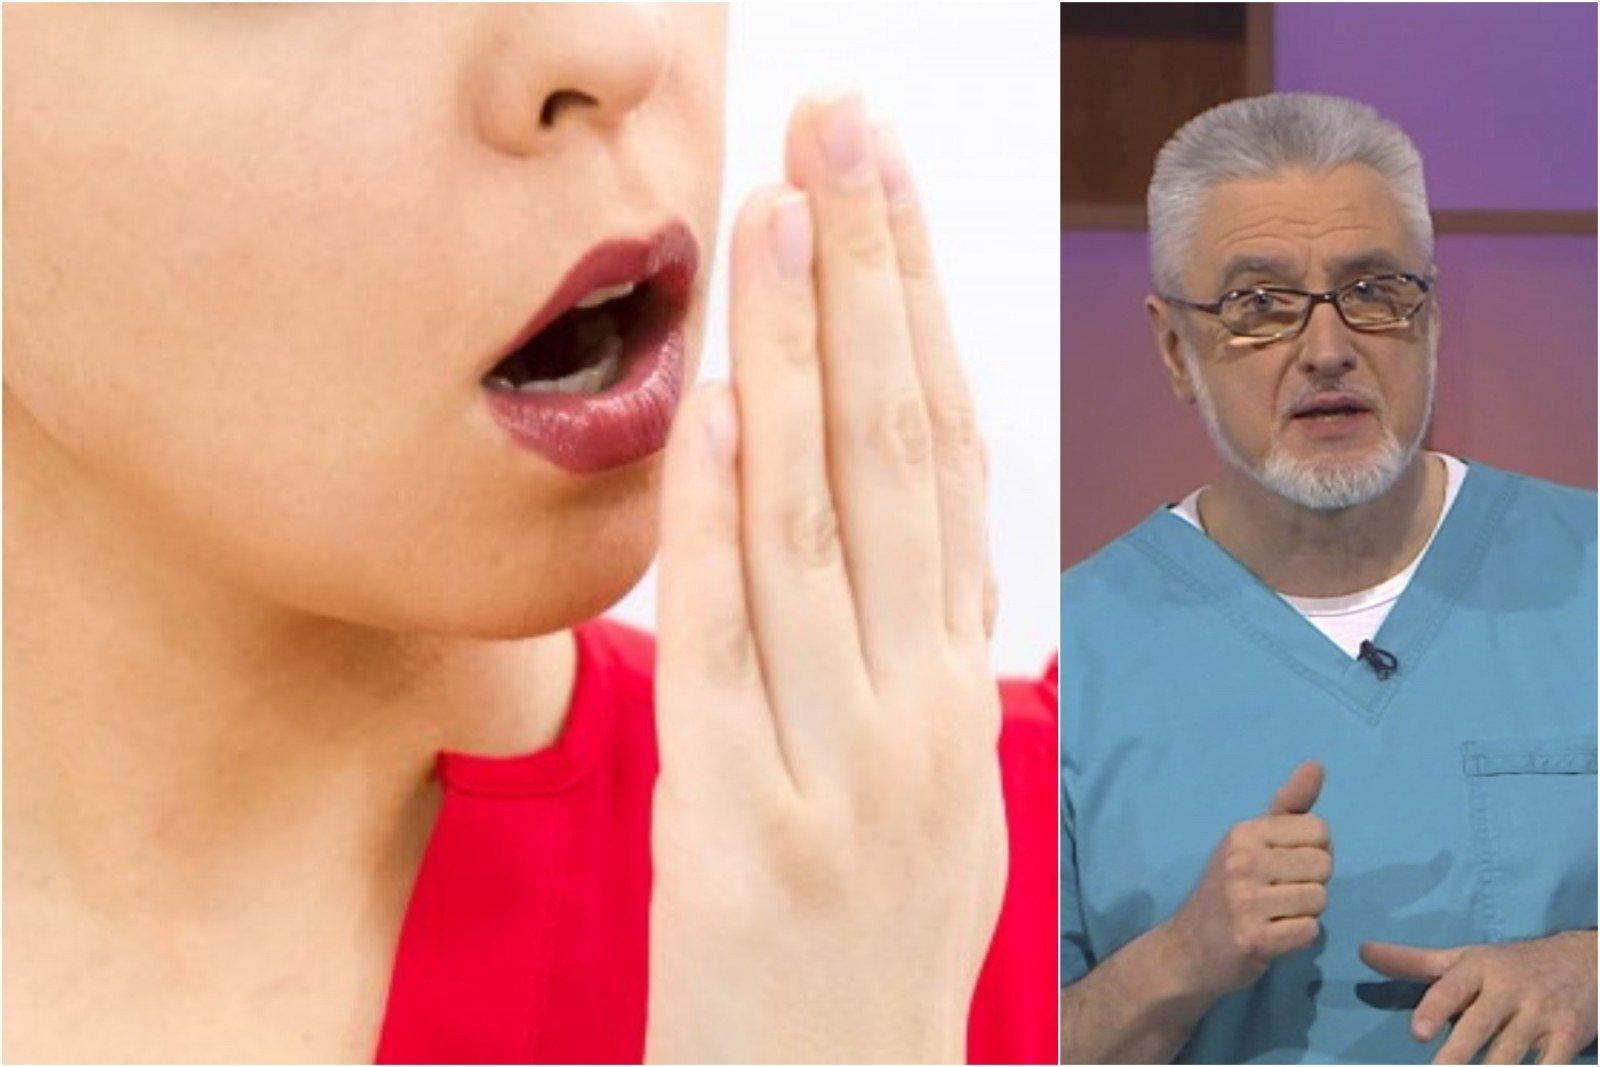 ar yra ryšys tarp blogos burnos sveikatos ir širdies ligų